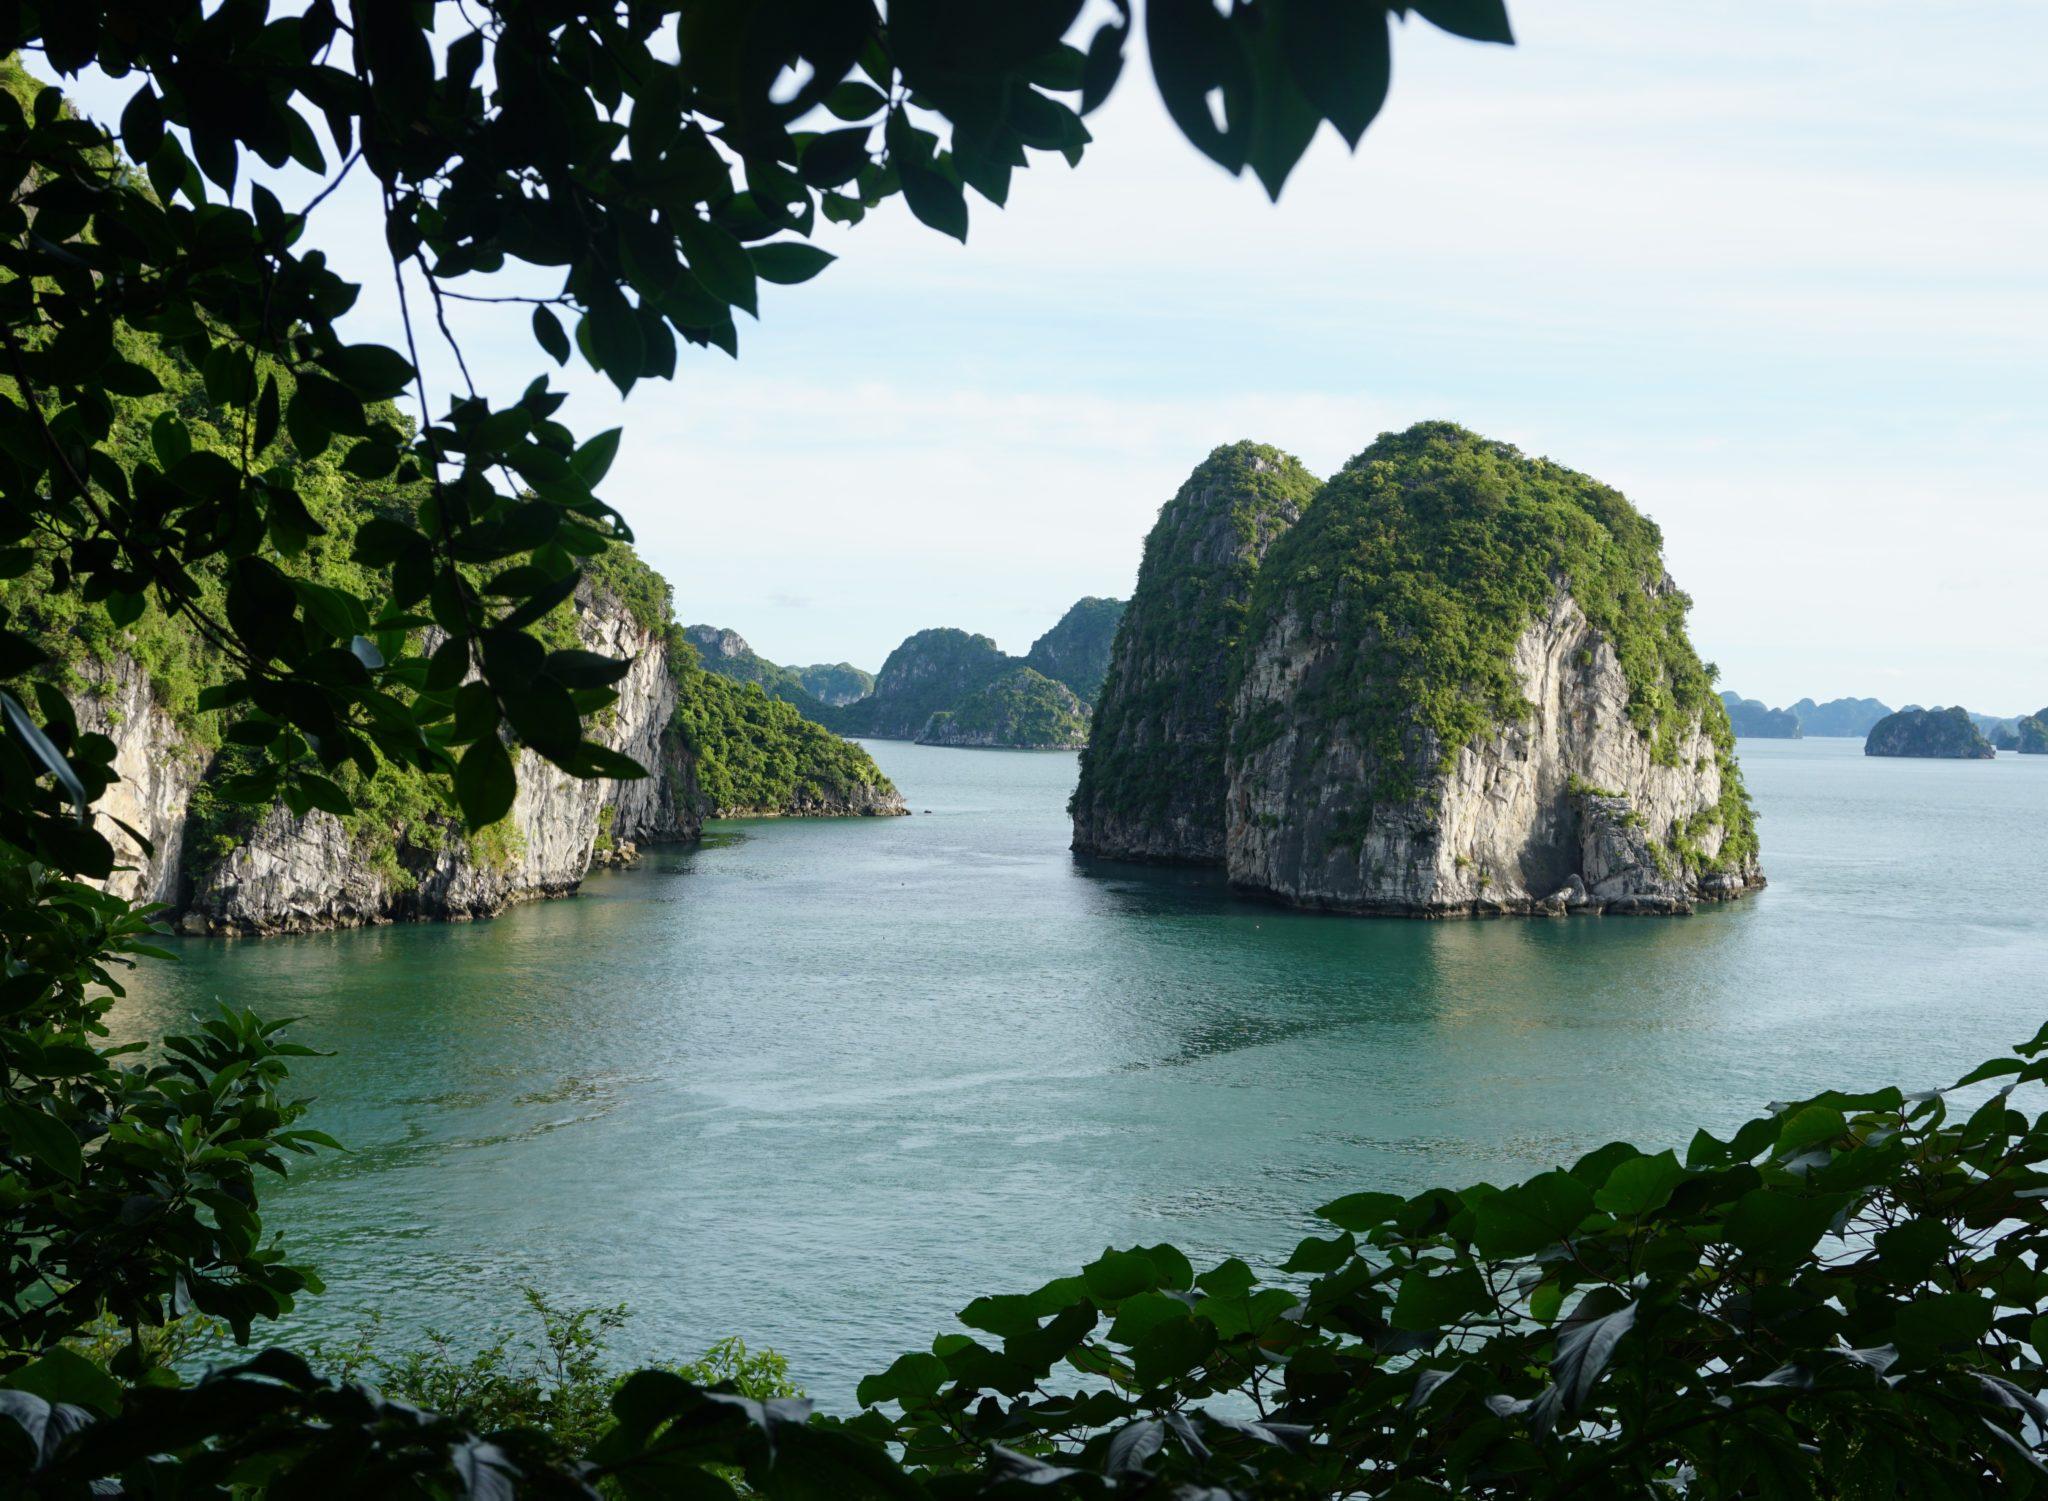 Panoramanlick durch Blätter auf die Halong-Bucht